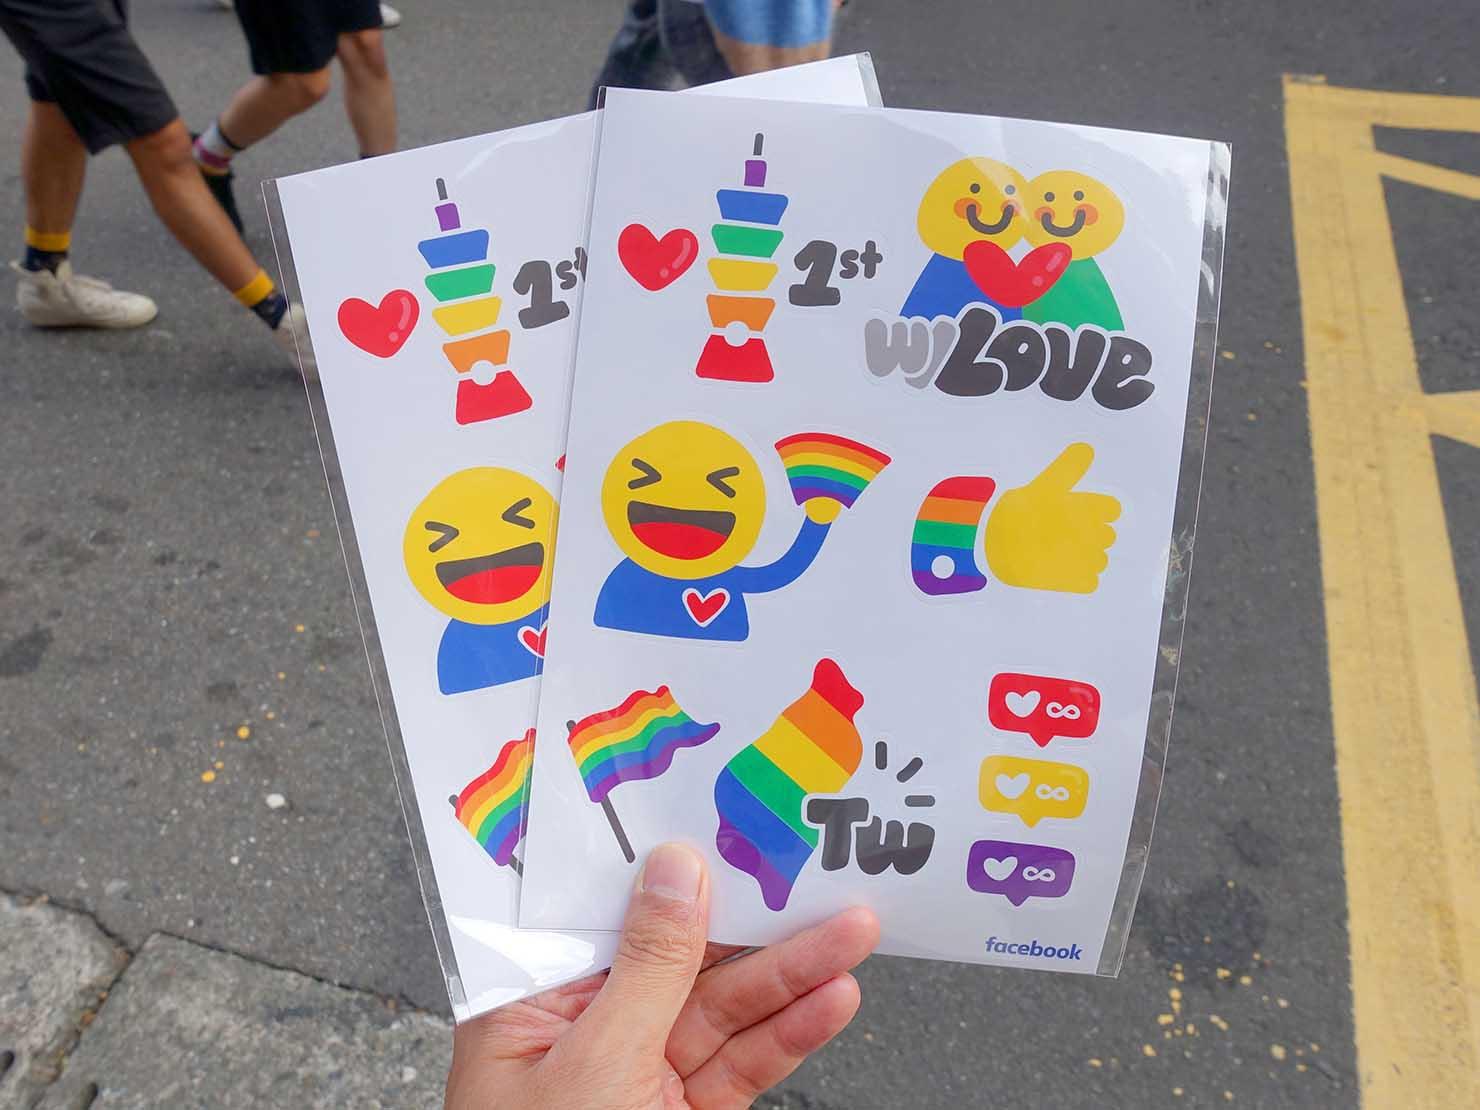 台灣同志遊行(台湾LGBTプライド)2019のパレードで配布されたレインボーステッカー